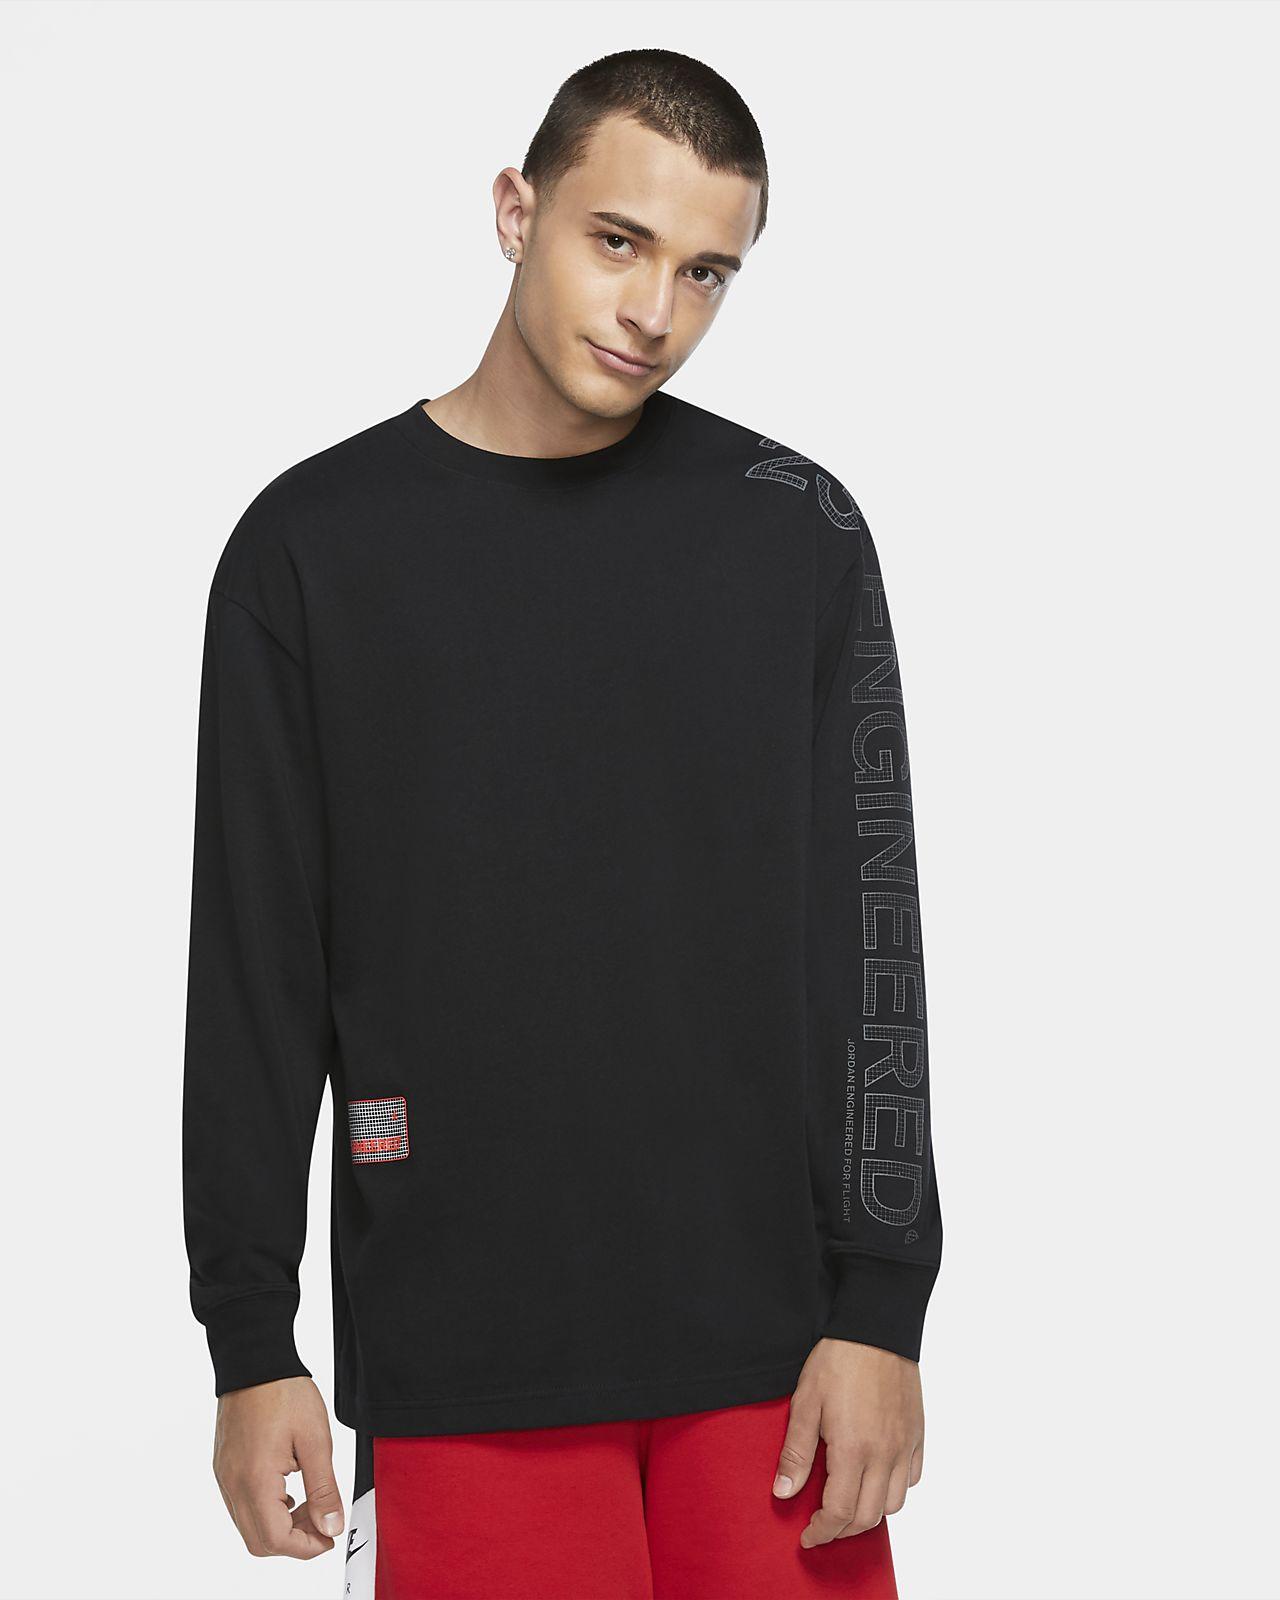 Långärmad tröja med rund hals Jordan 23 Engineered för män